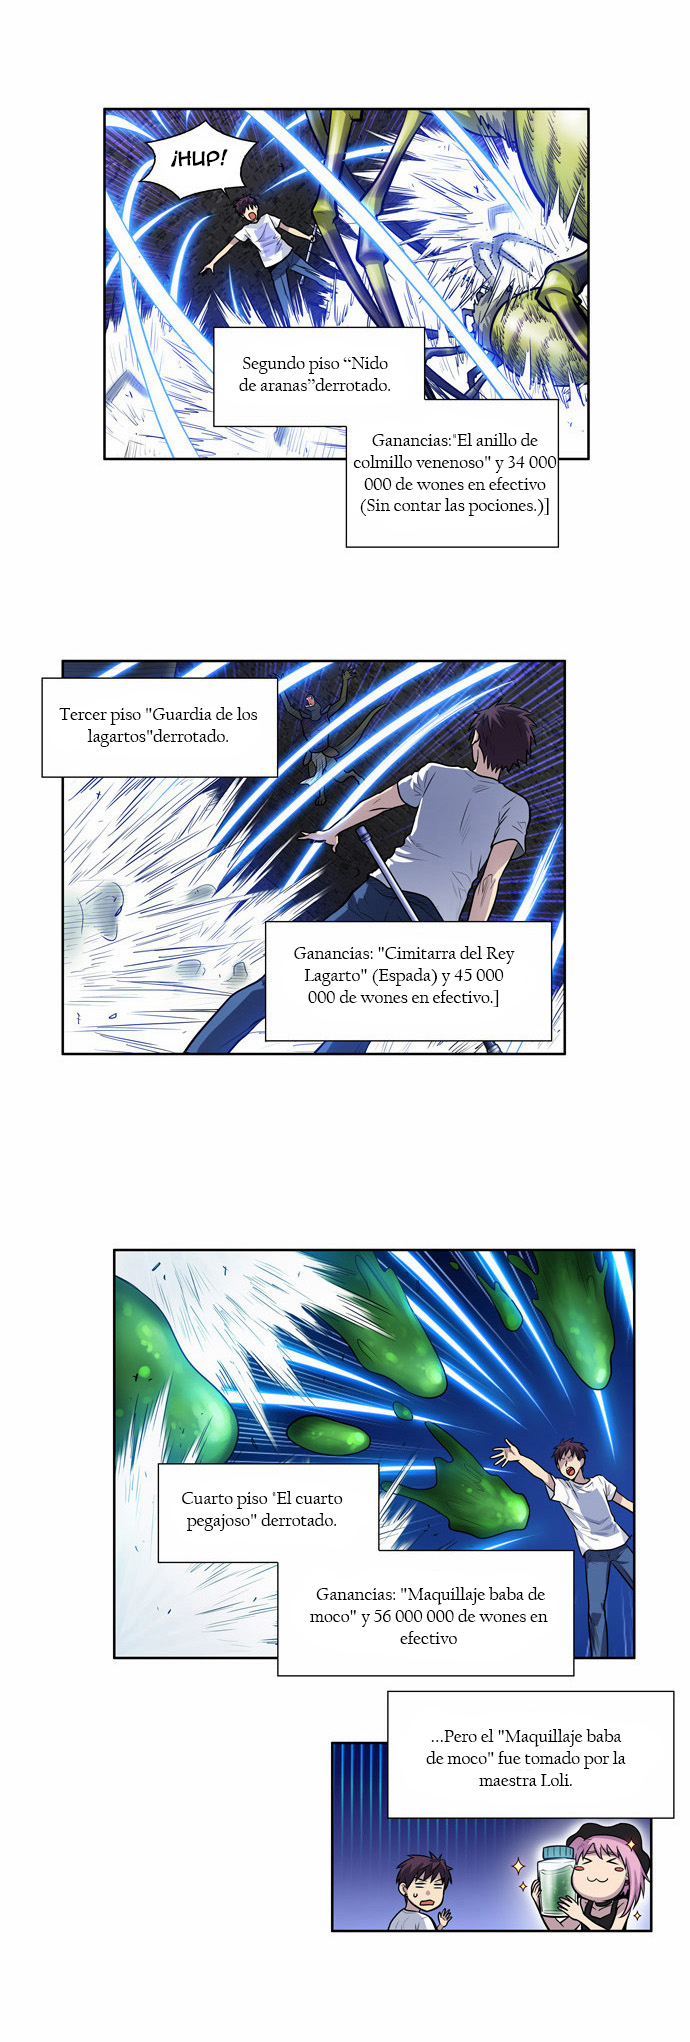 http://c5.ninemanga.com/es_manga/61/1725/416522/1101c92ba65fb18468e246180daafb5a.jpg Page 8